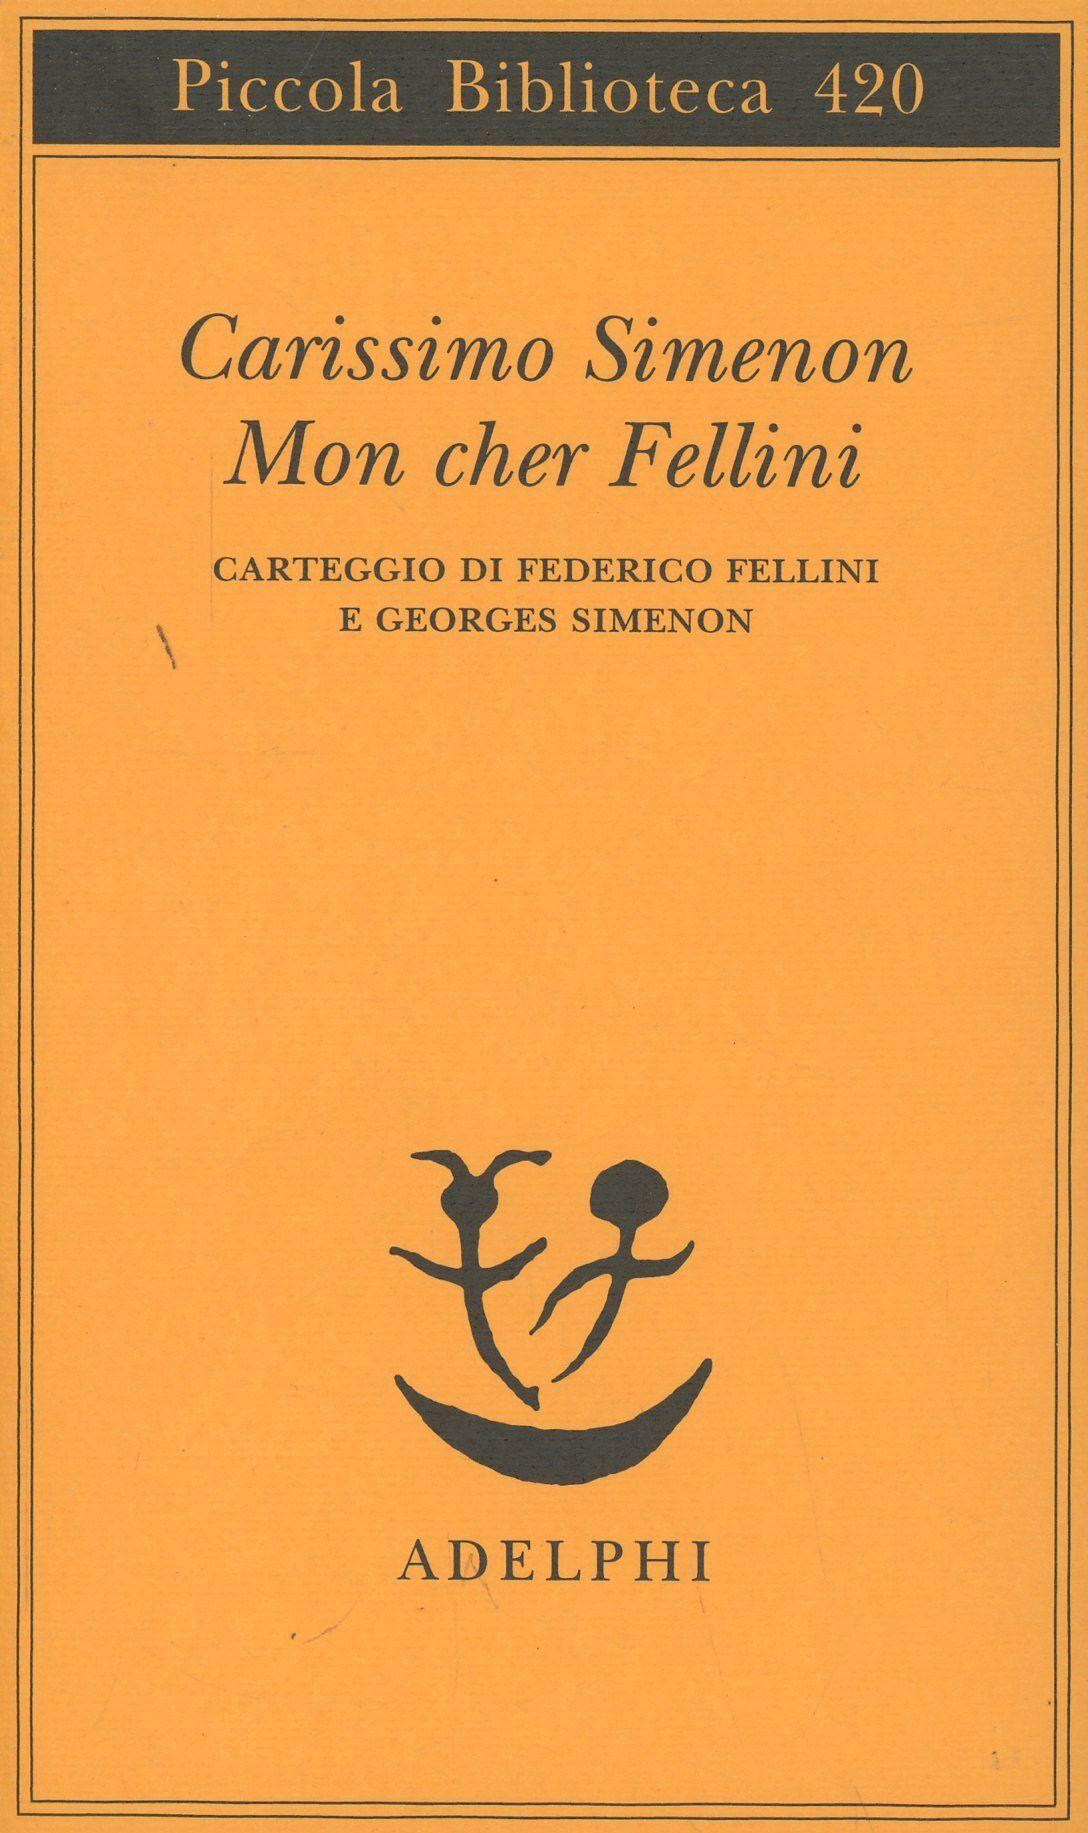 Carissimo Simenon-Mon cher Fellini. Carteggio